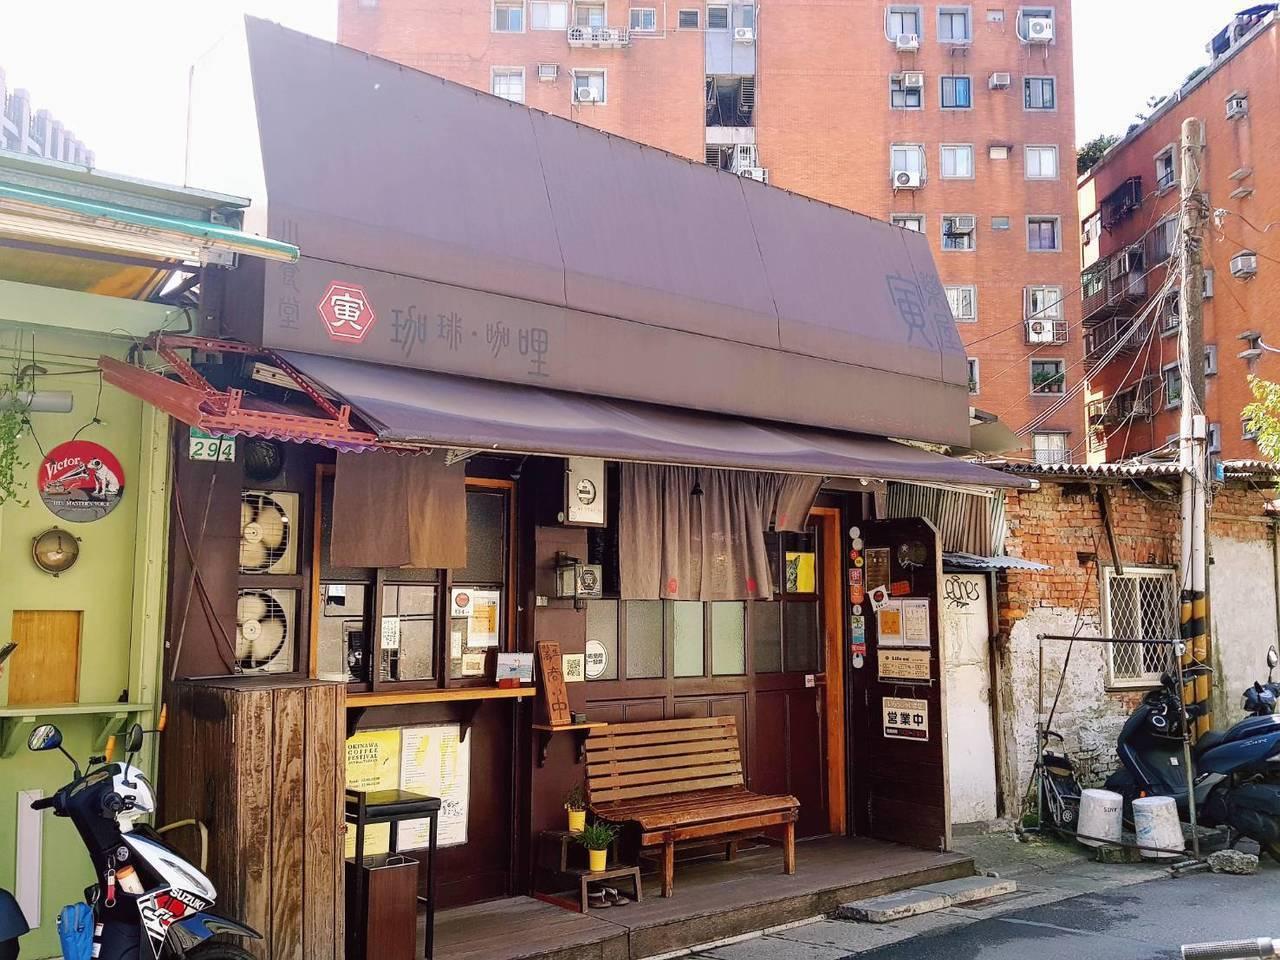 寅樂屋擁有復古的日式食堂風格,頗受文青族群喜愛。記者陳睿中/攝影